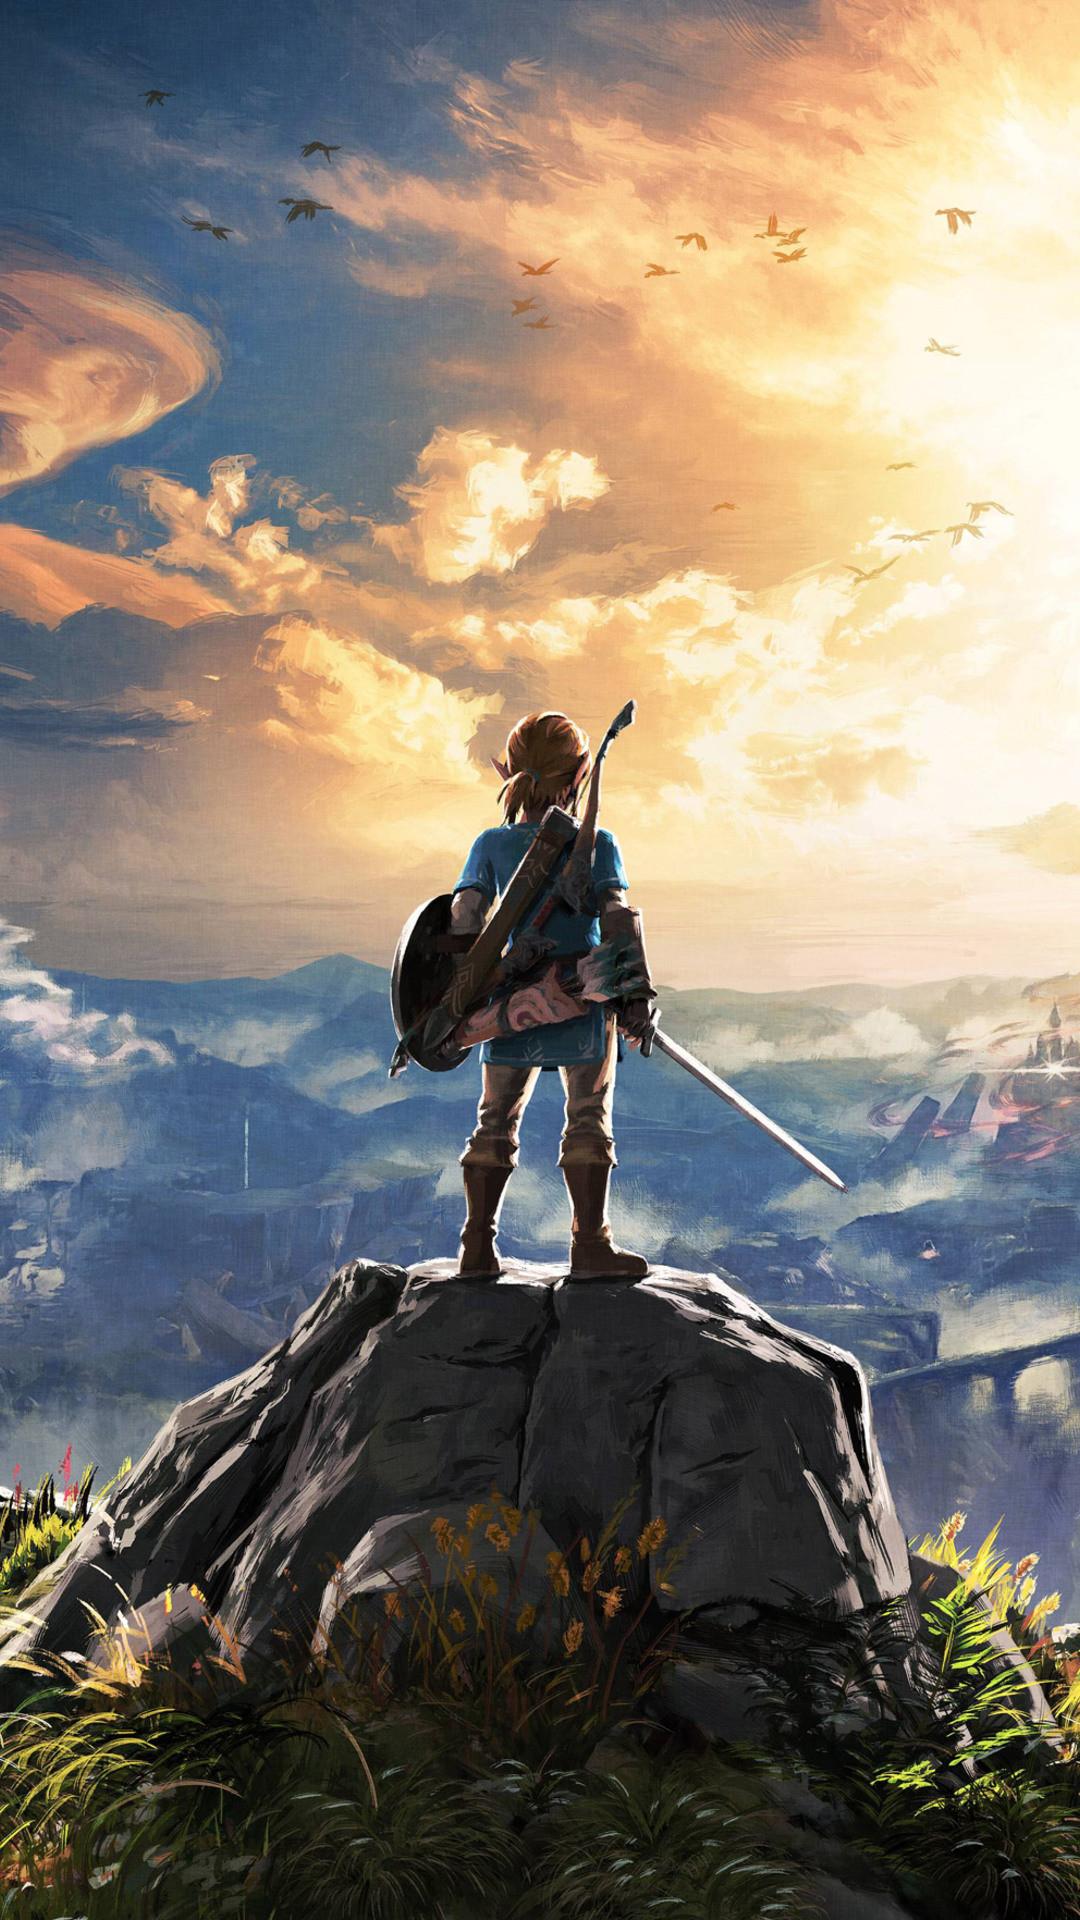 Great Wallpaper Halloween Zelda - 641227  Pictures_13877.jpg